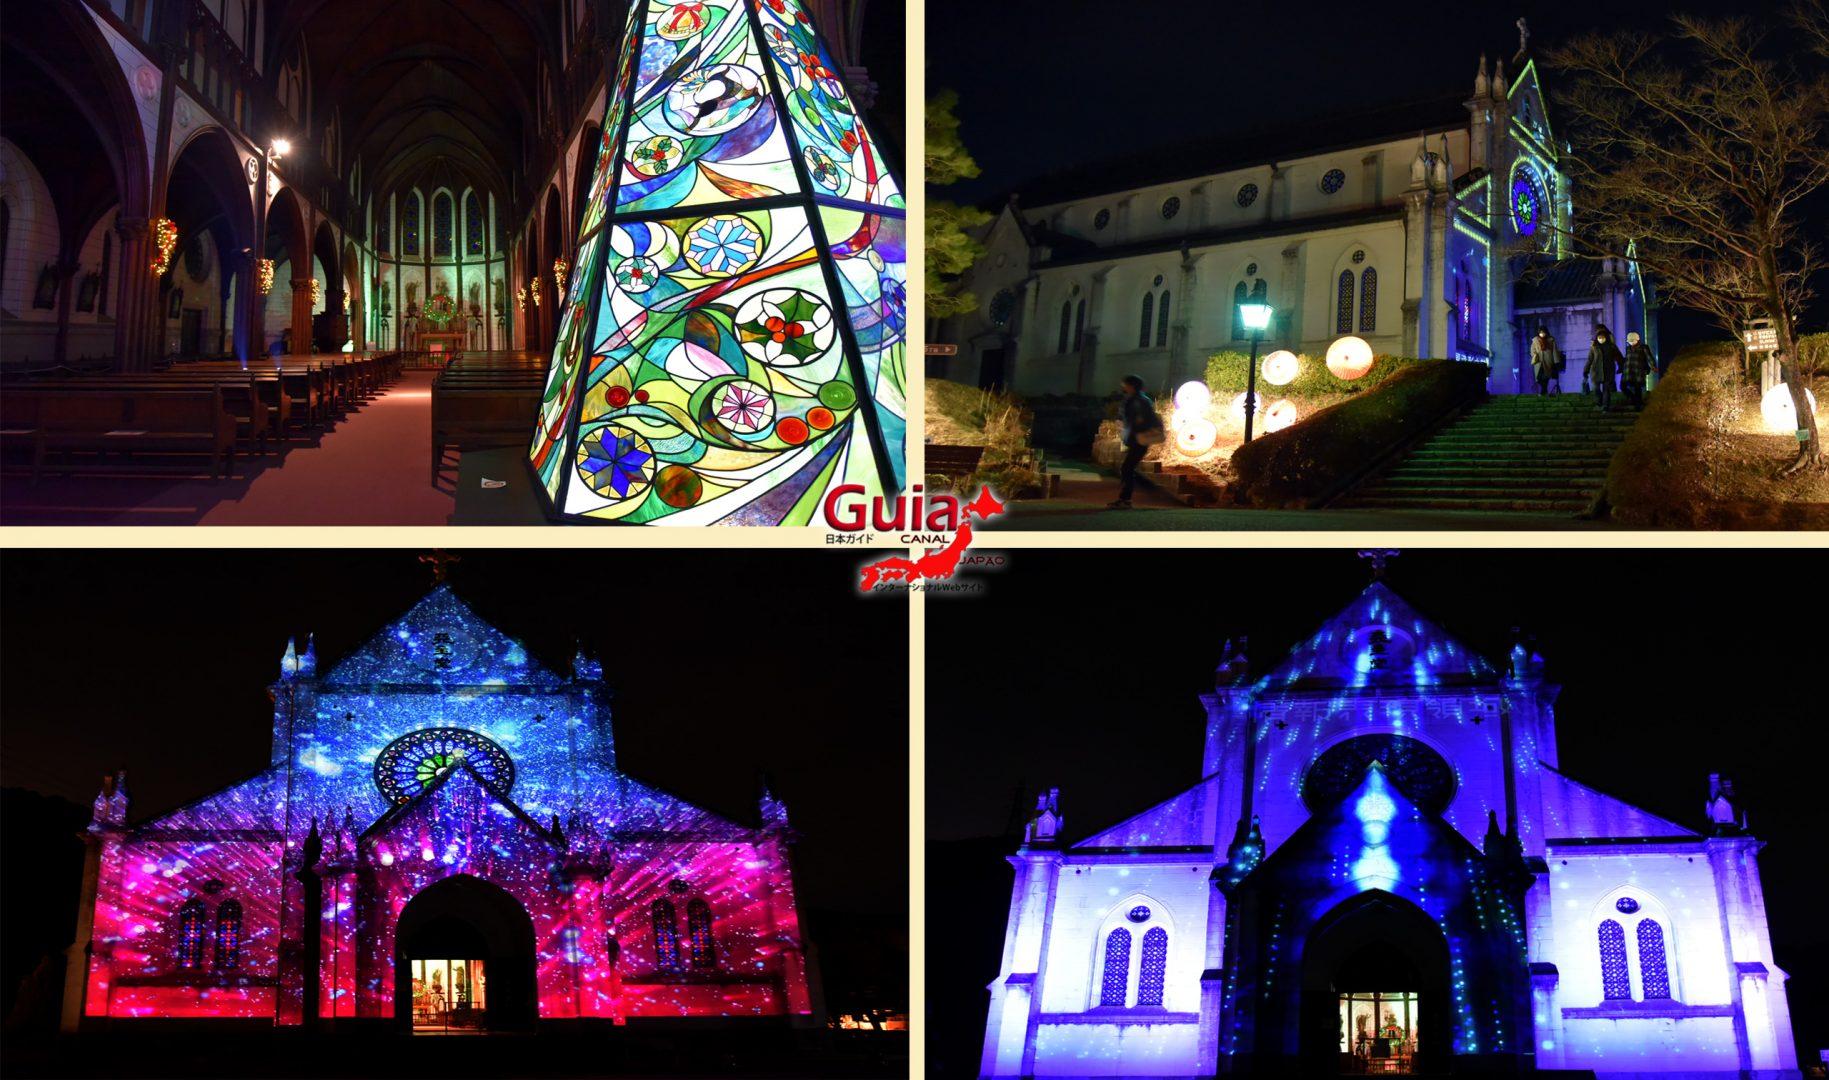 Мэйжи-Мура музей - Баярын гэрэлтүүлэг 22